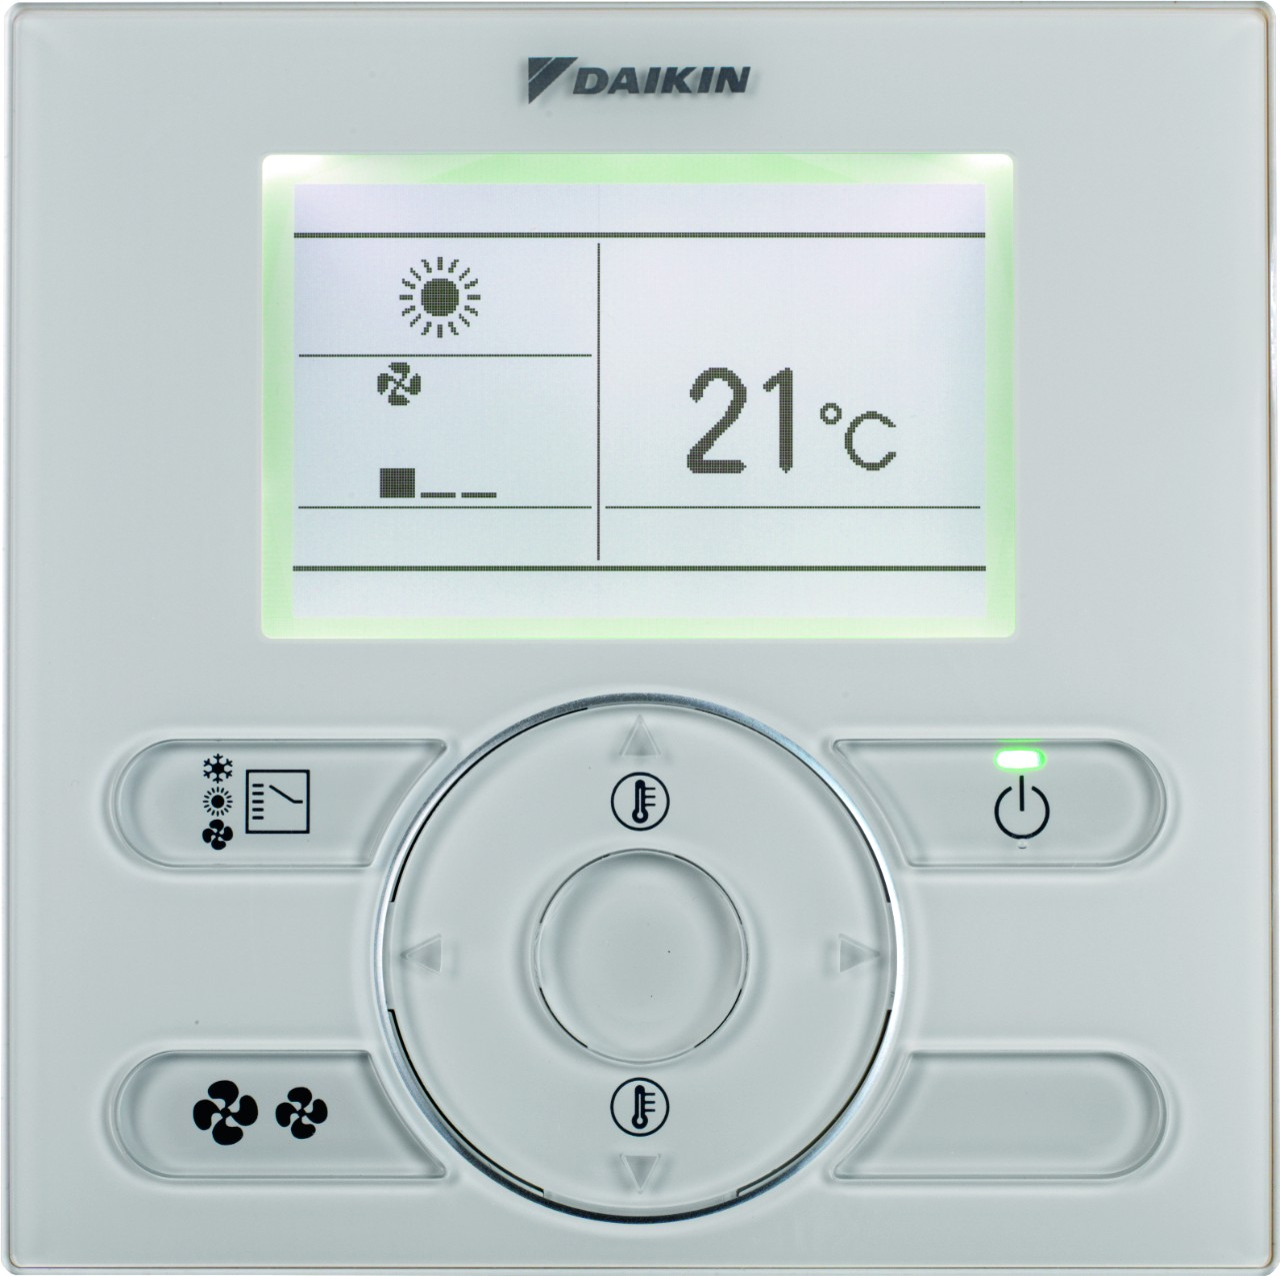 Brc2e52c daikin for Simbolos aire acondicionado daikin